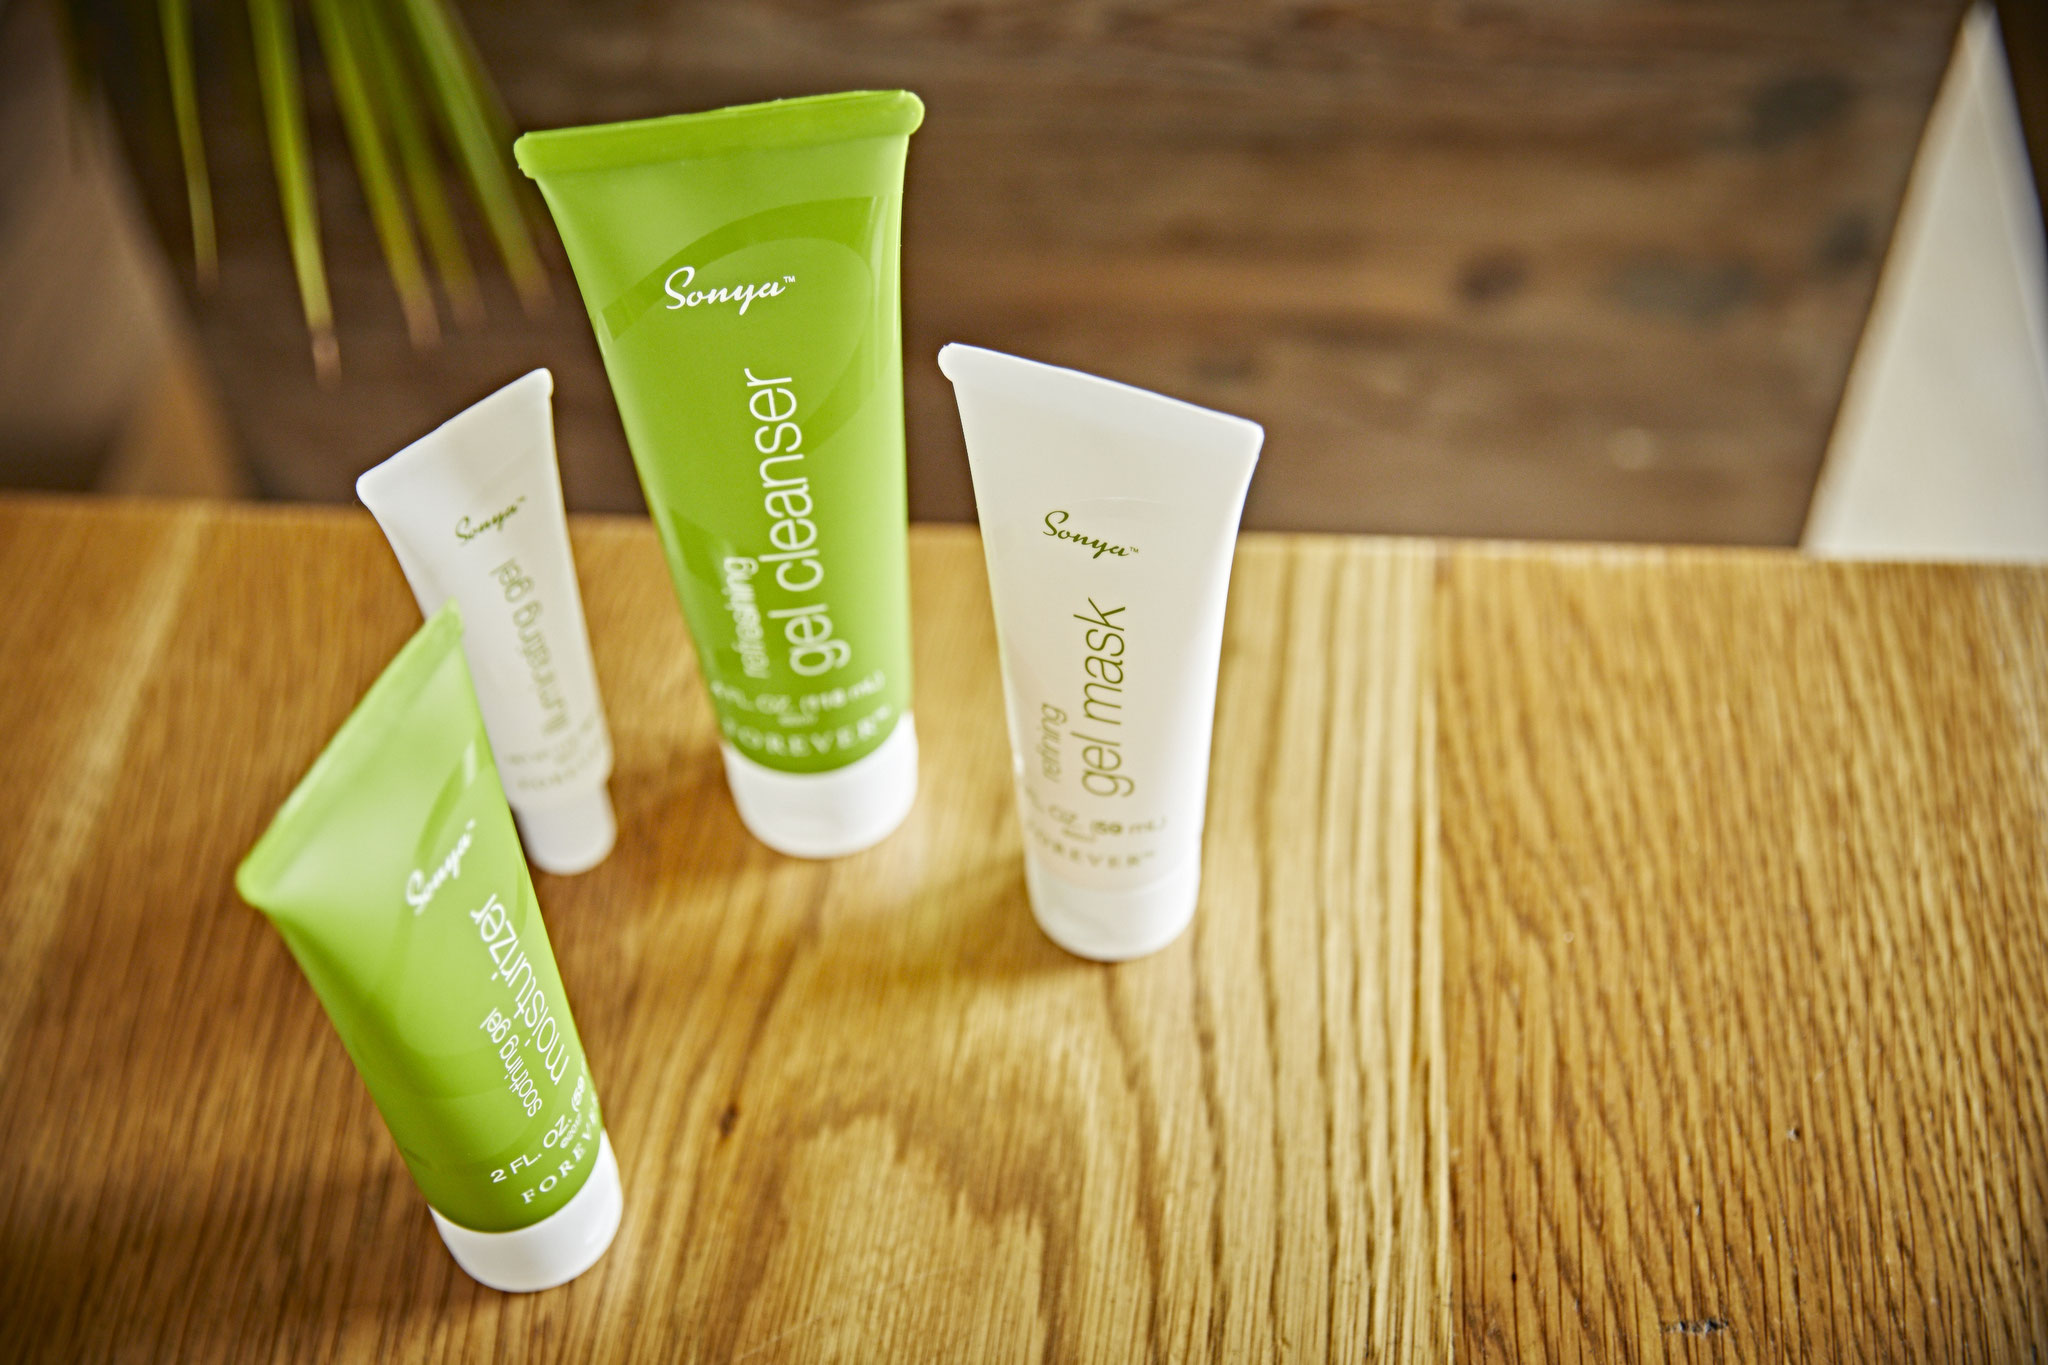 Stellvertretend für unser umfangreiches Angebot empfehlen wir für die Gesichtspflege das Sonya Daily Scincare System: Vier Pflegeprodukte auf Gel-Basis die den Hautton verbessern, Feuchtigkeit spenden und die Haut strahlend und frisch aussehen lassen.